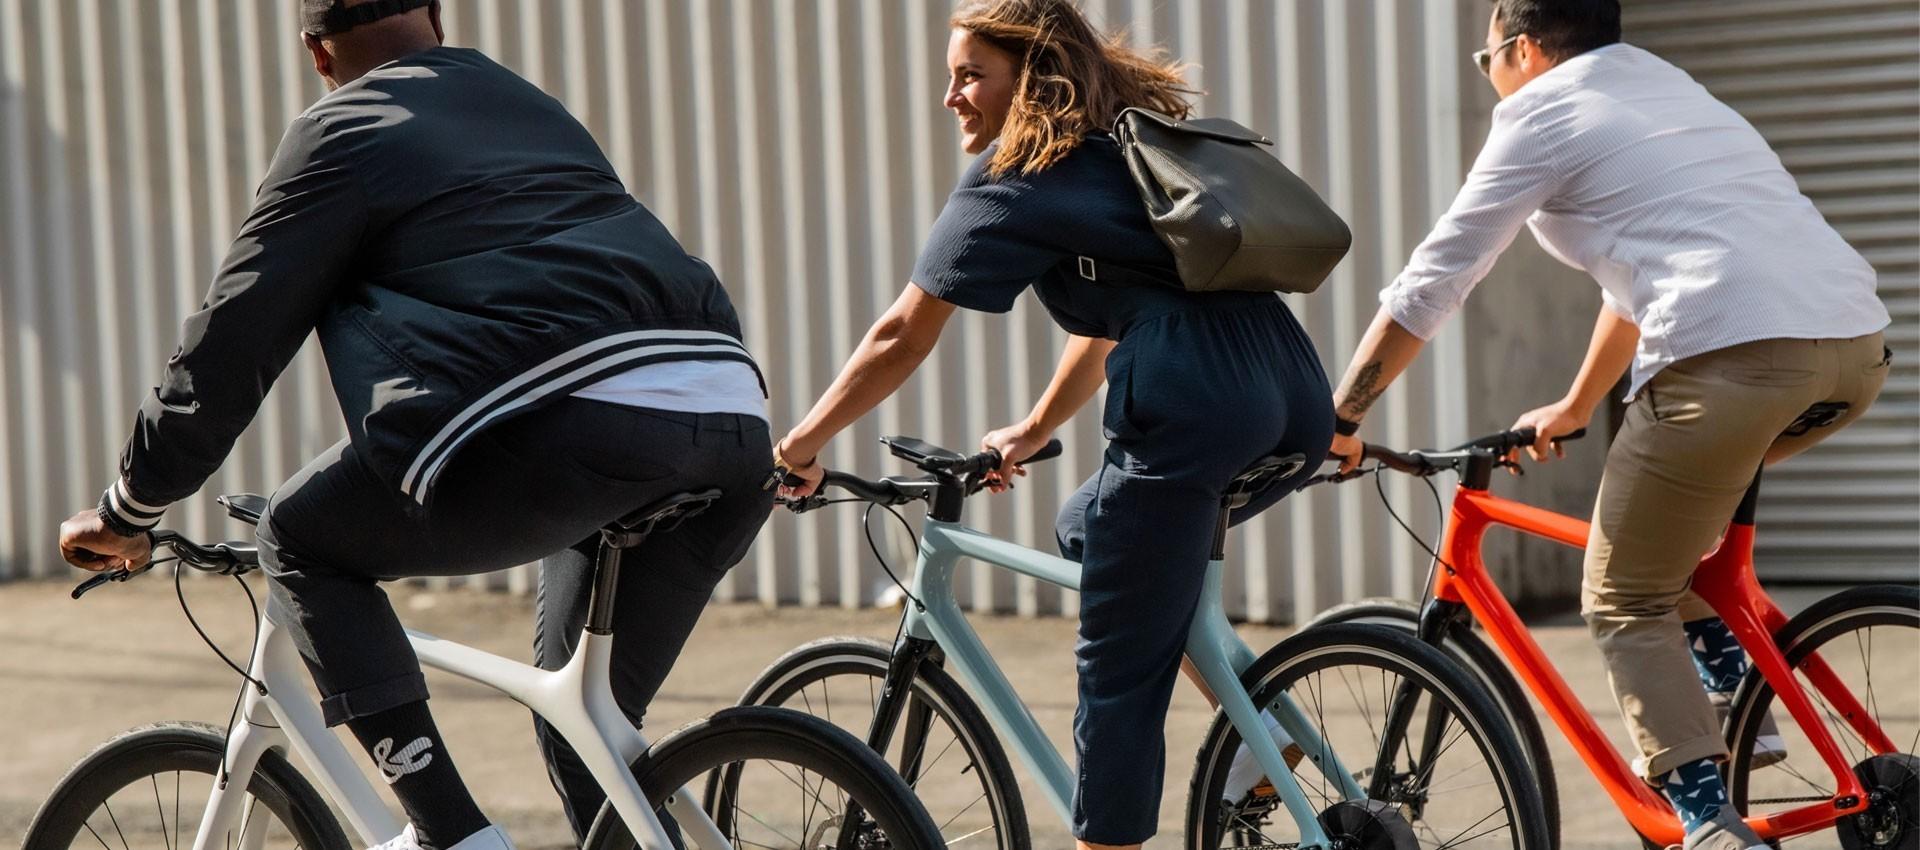 Vélos de ville électriques - Au vélo électrique / Veloland Marseille